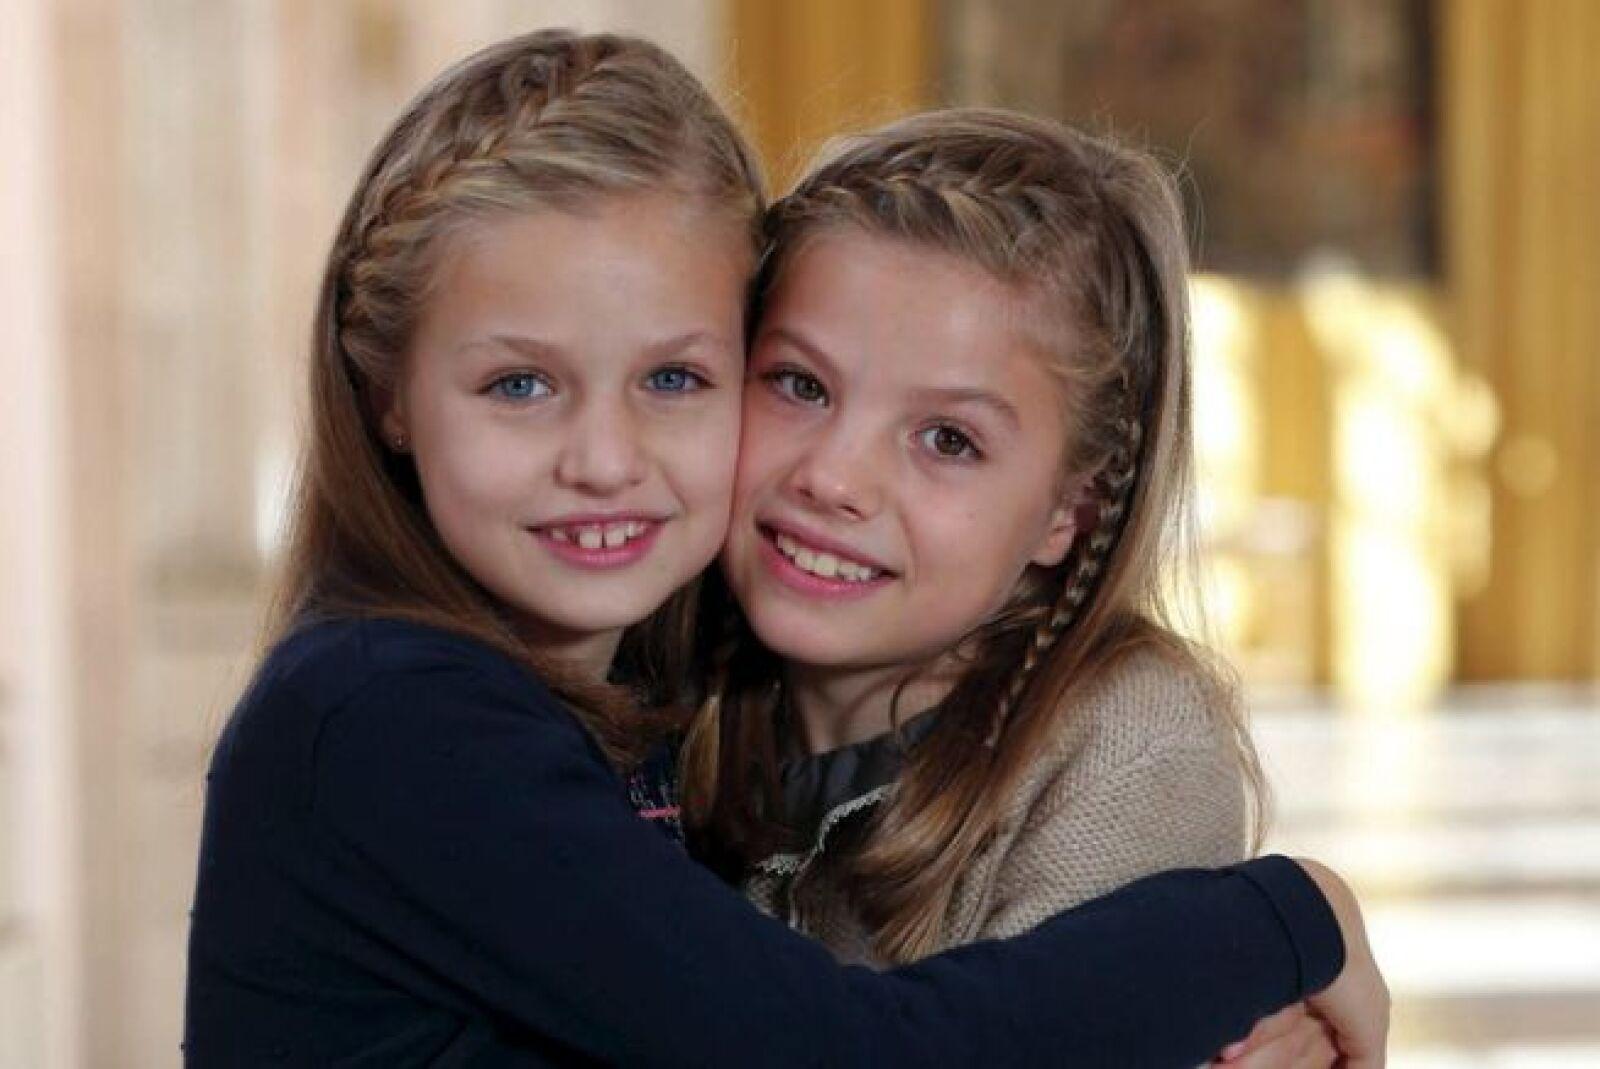 Leonor, Princesa de Asturias y su hermana menor, la infanta Sofía.